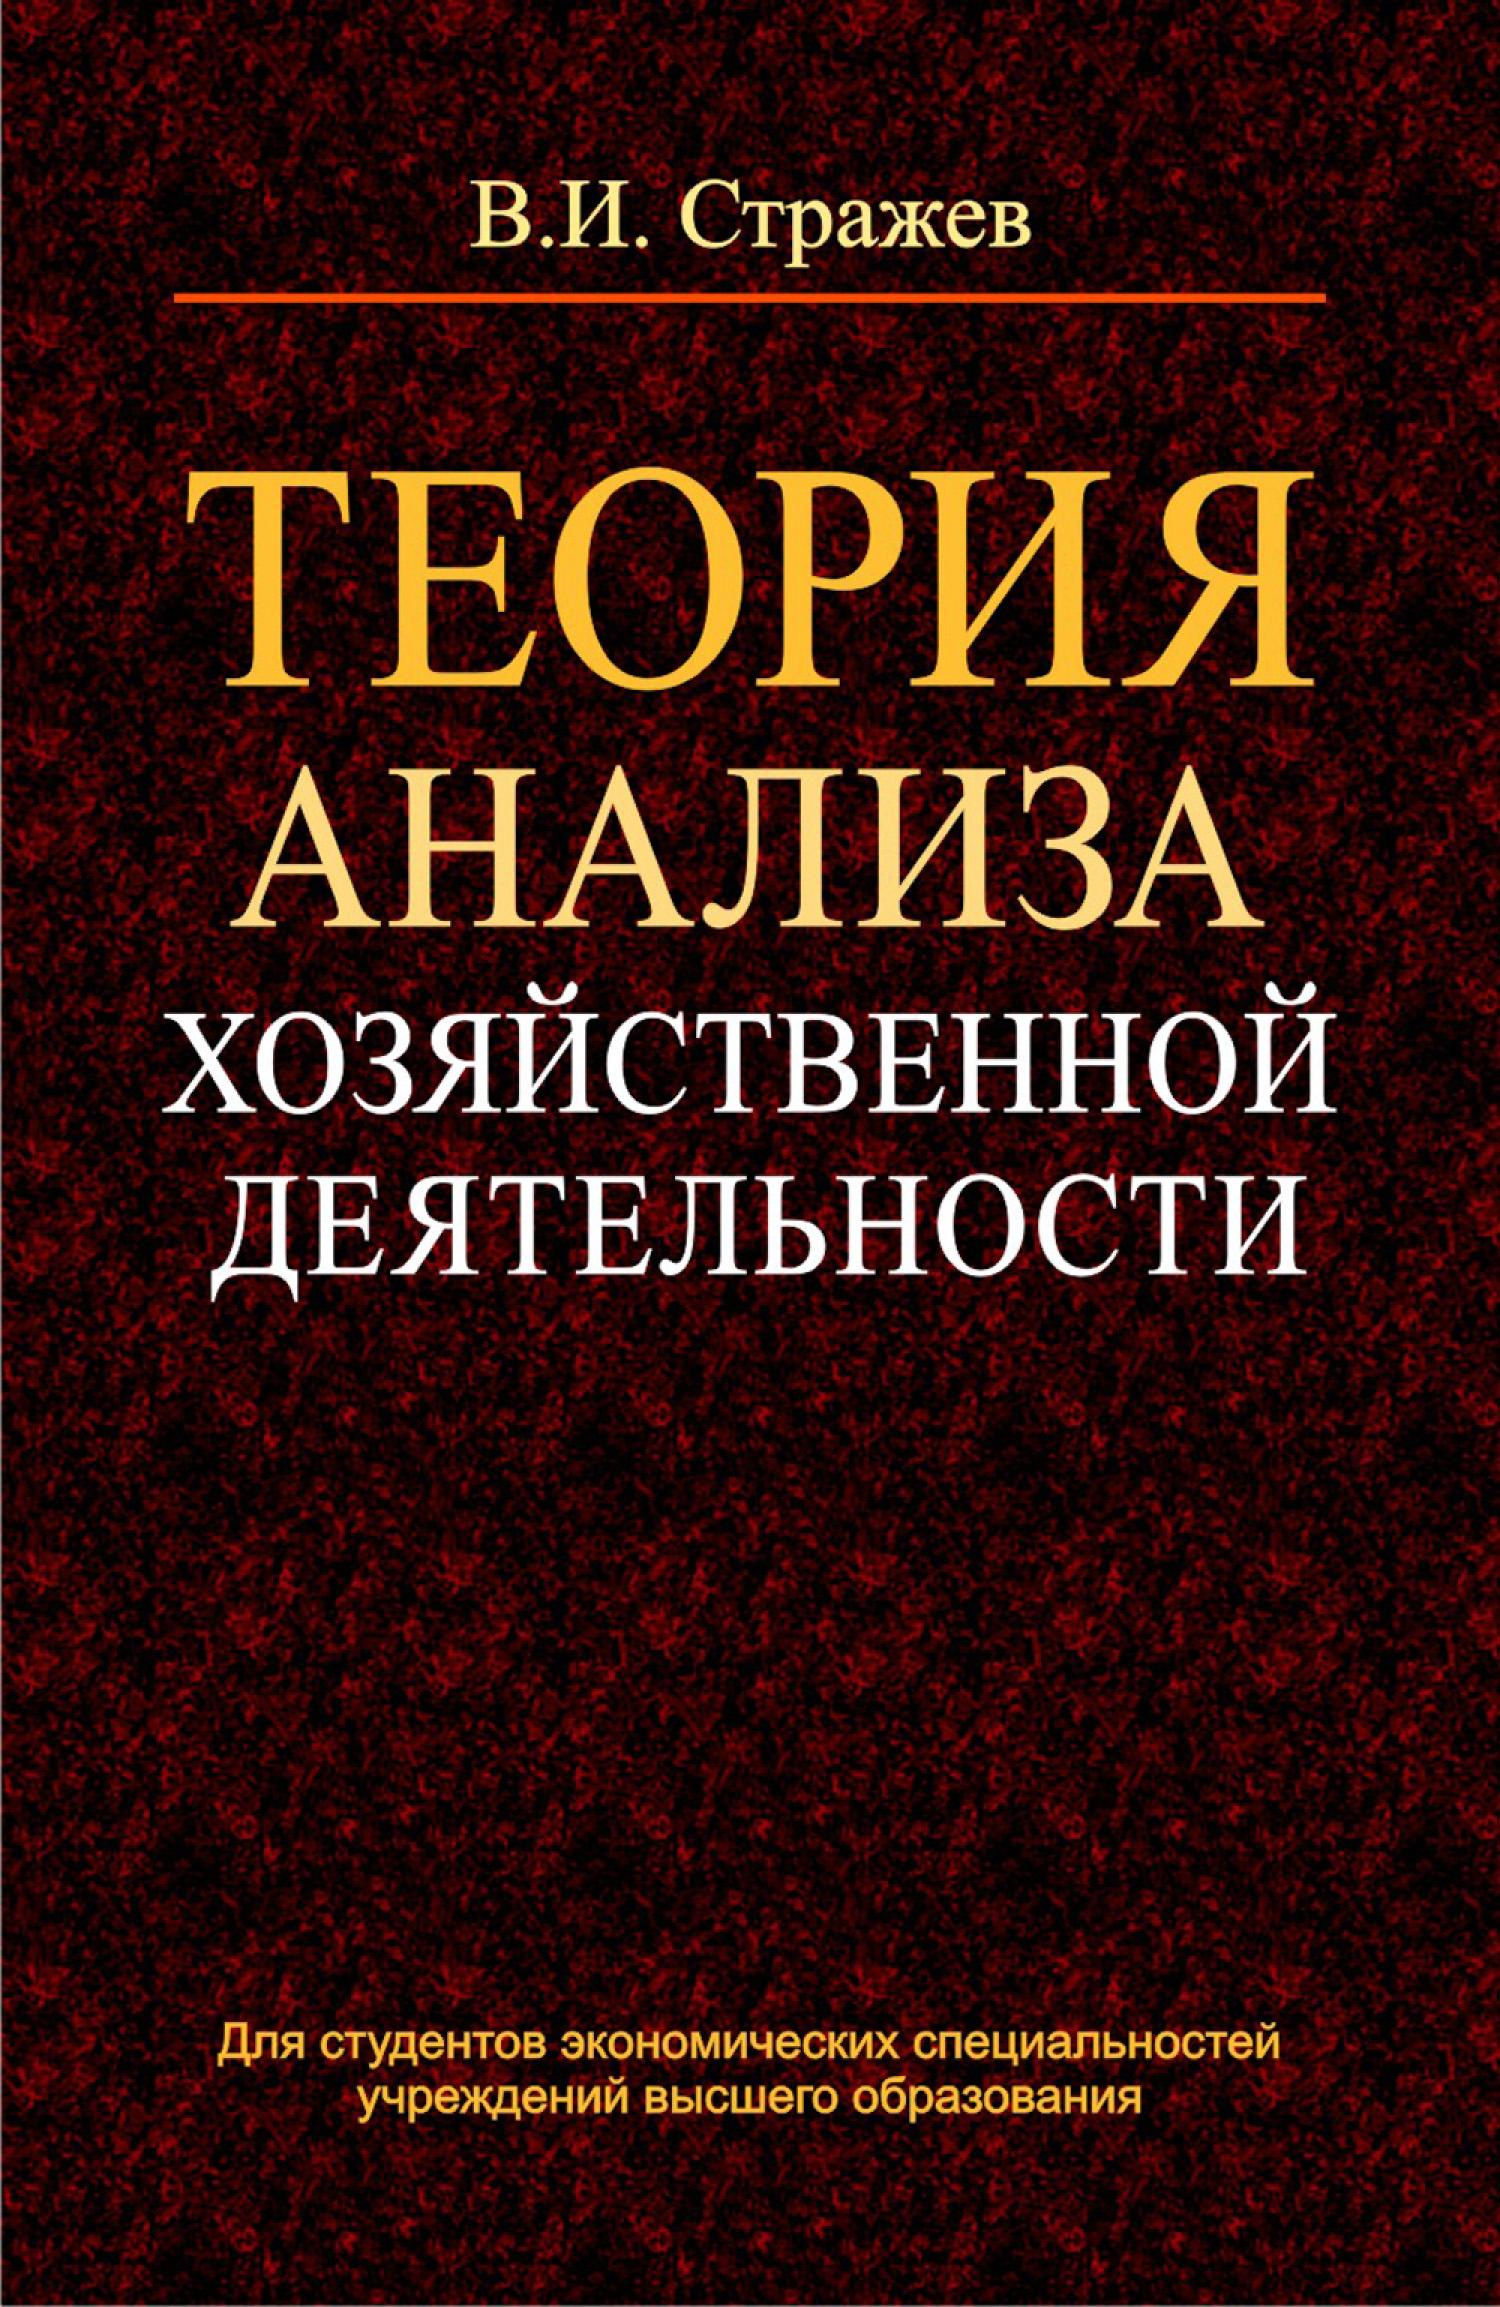 Обложка книги. Автор - Виктор Стражев